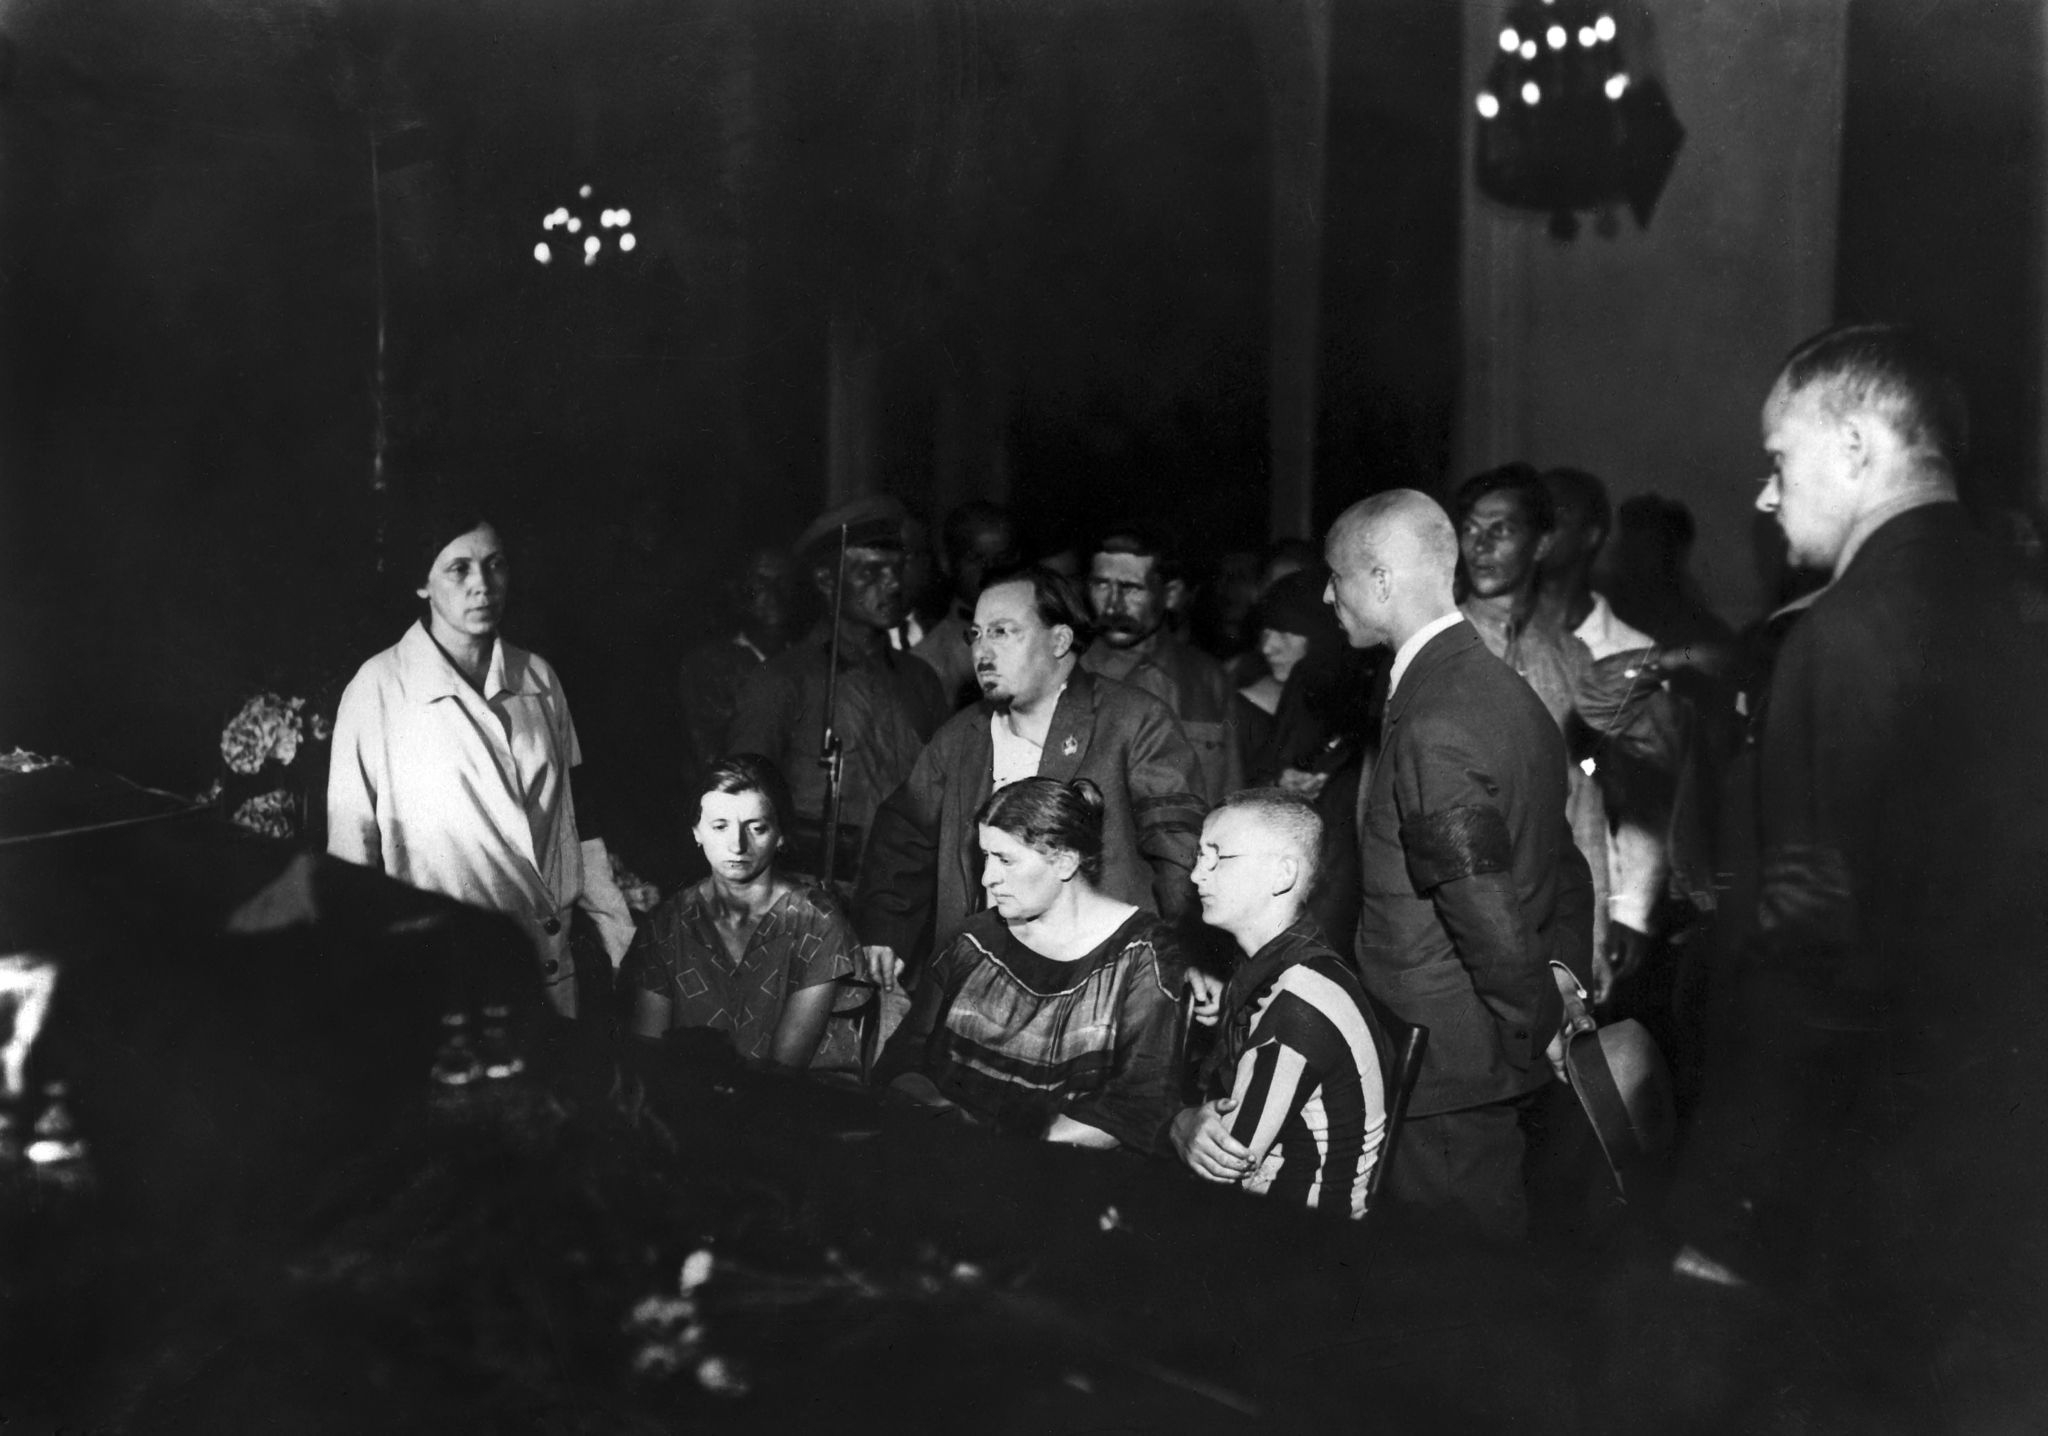 1926. Похороны Ф. Э. Дзержинскогов Москве, июль года. Вокруг гроба находятся его жена София и их сын Ян.png